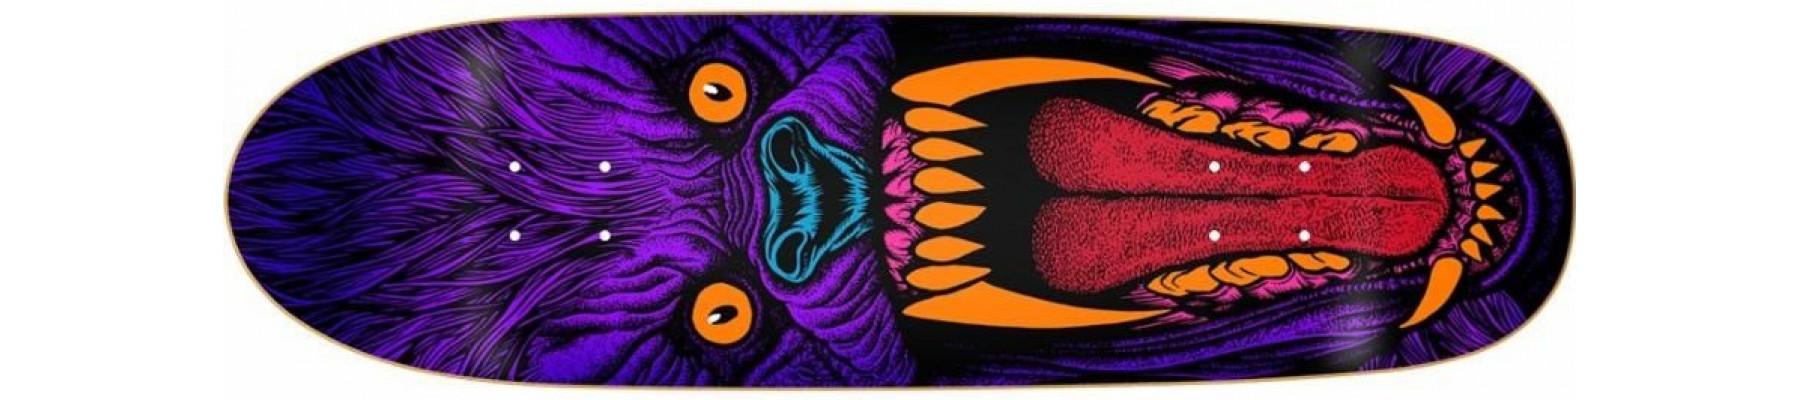 DEATHWISH SL Purple Wolf 8.75